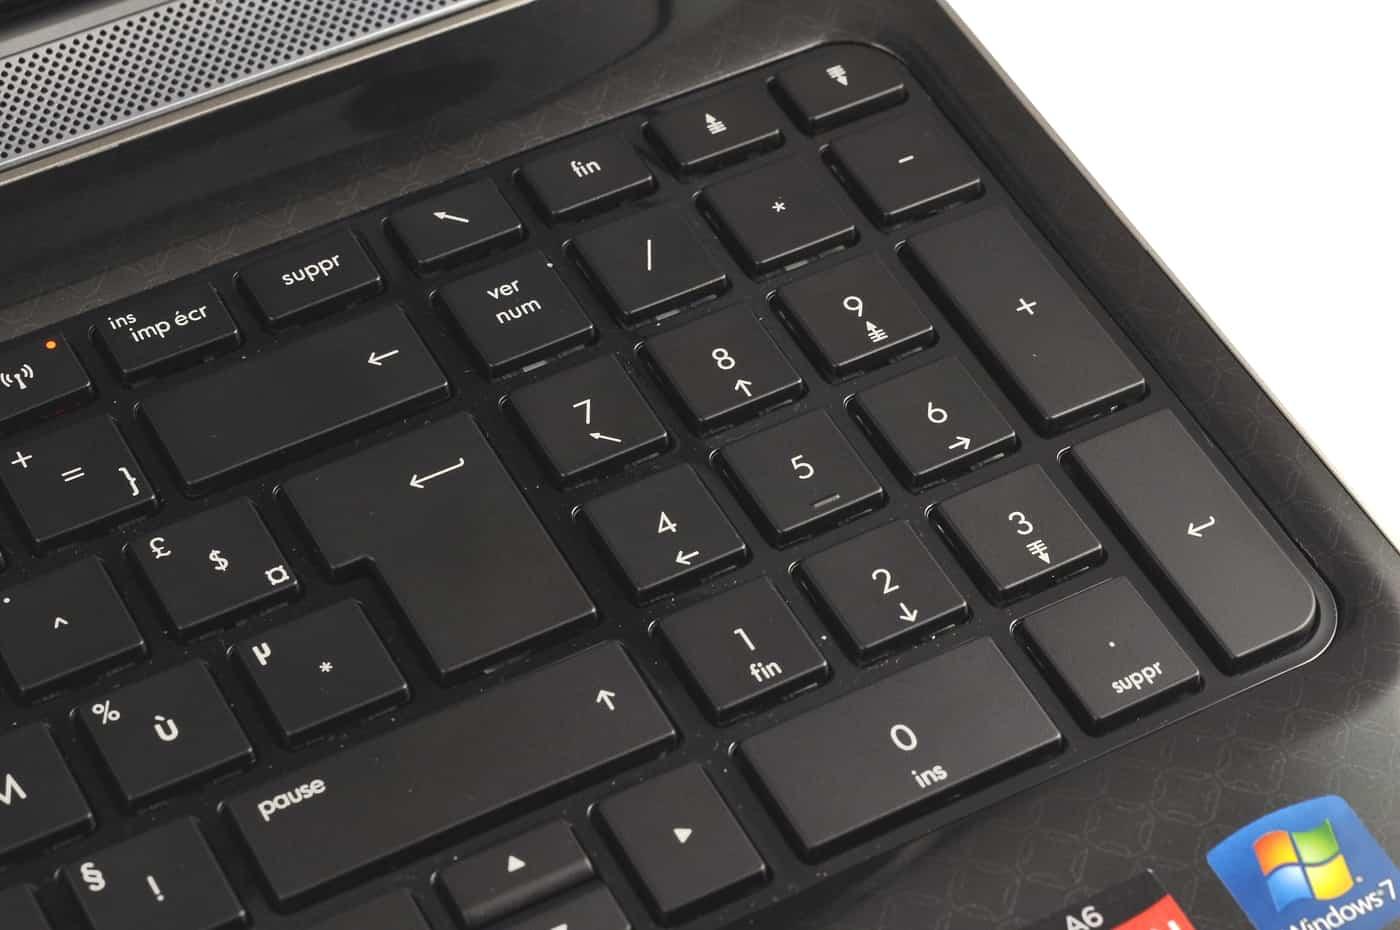 5 probl mes de claviers d 39 ordinateurs portables r solus. Black Bedroom Furniture Sets. Home Design Ideas